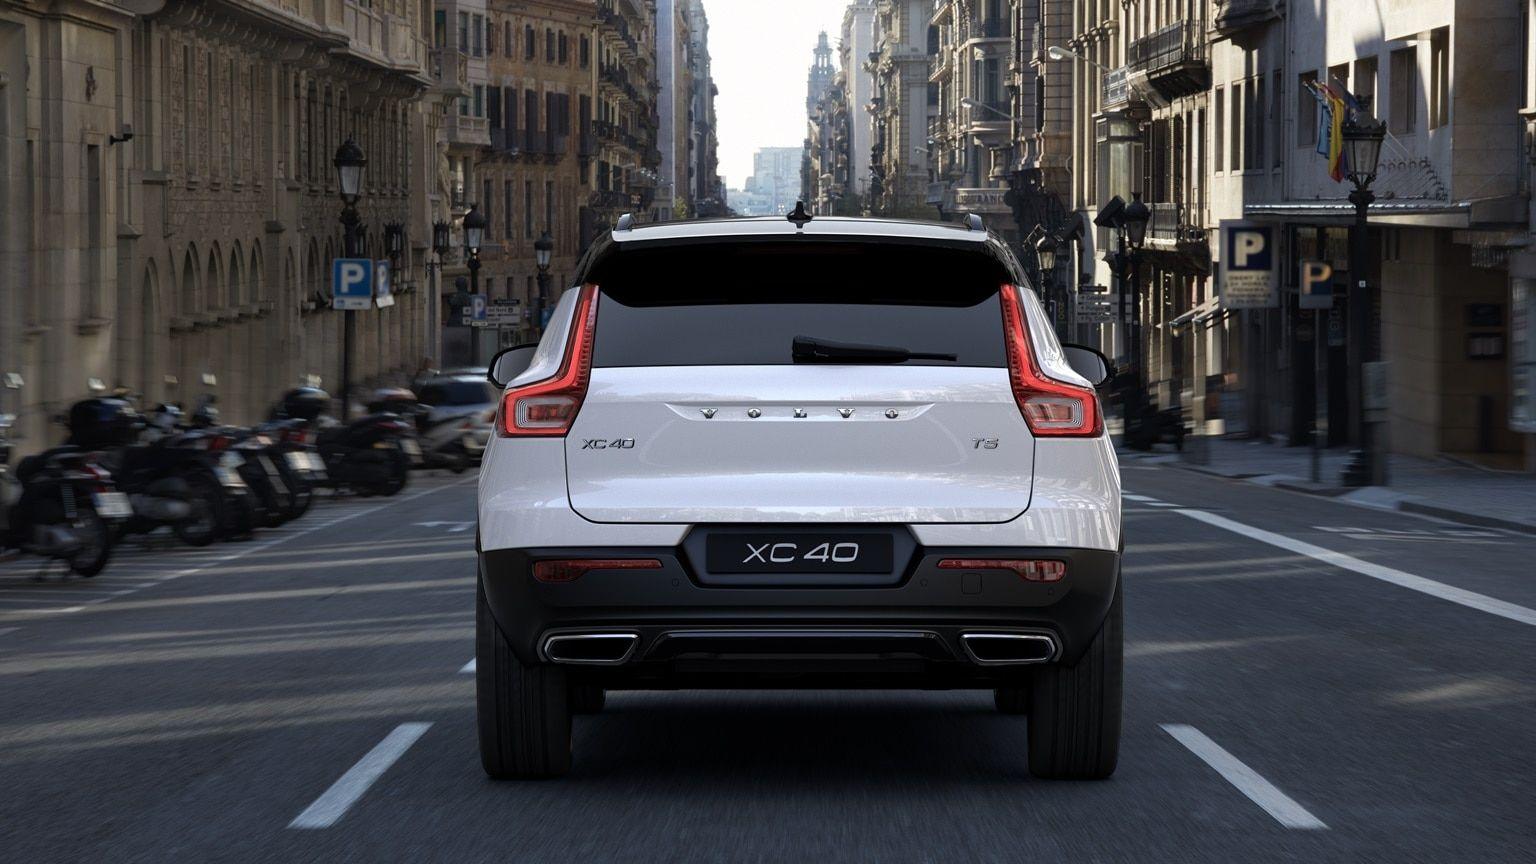 Build Your Own Volvo In 2020 Volvo Suv Future Car